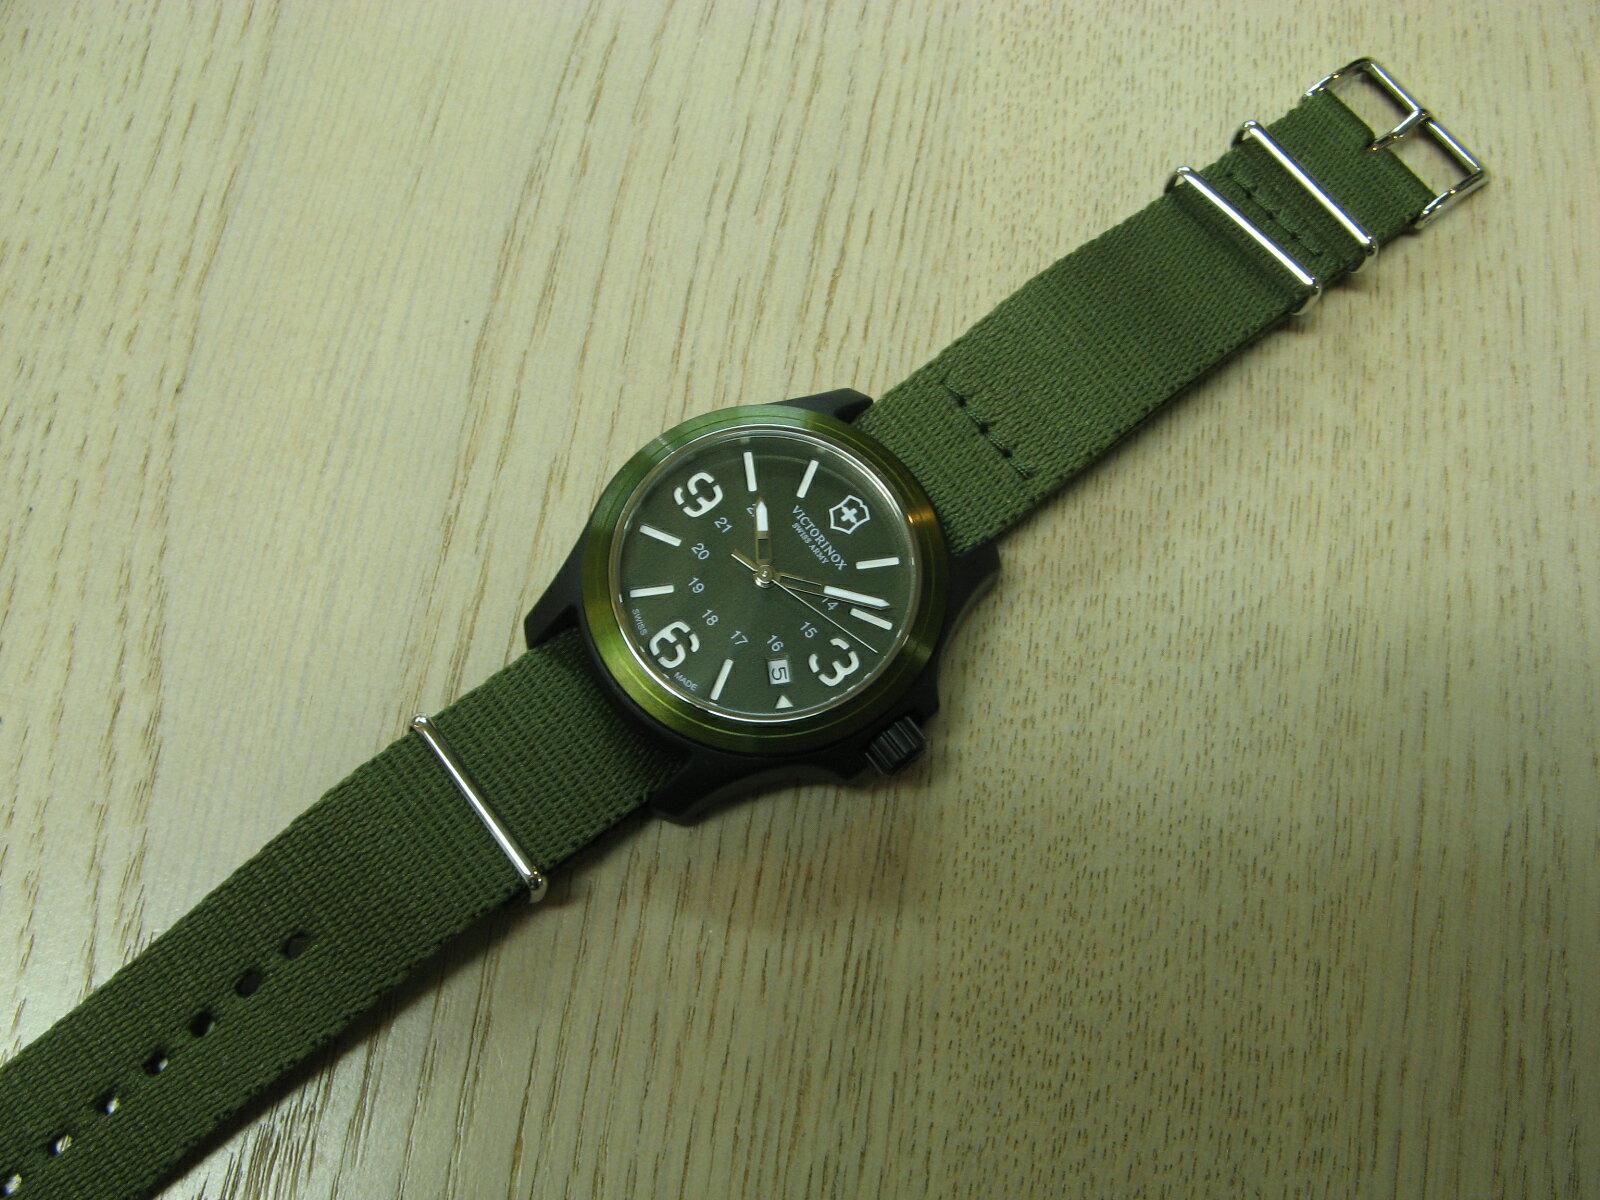 VICTORINOX SWISS ARMY khaki green quartz